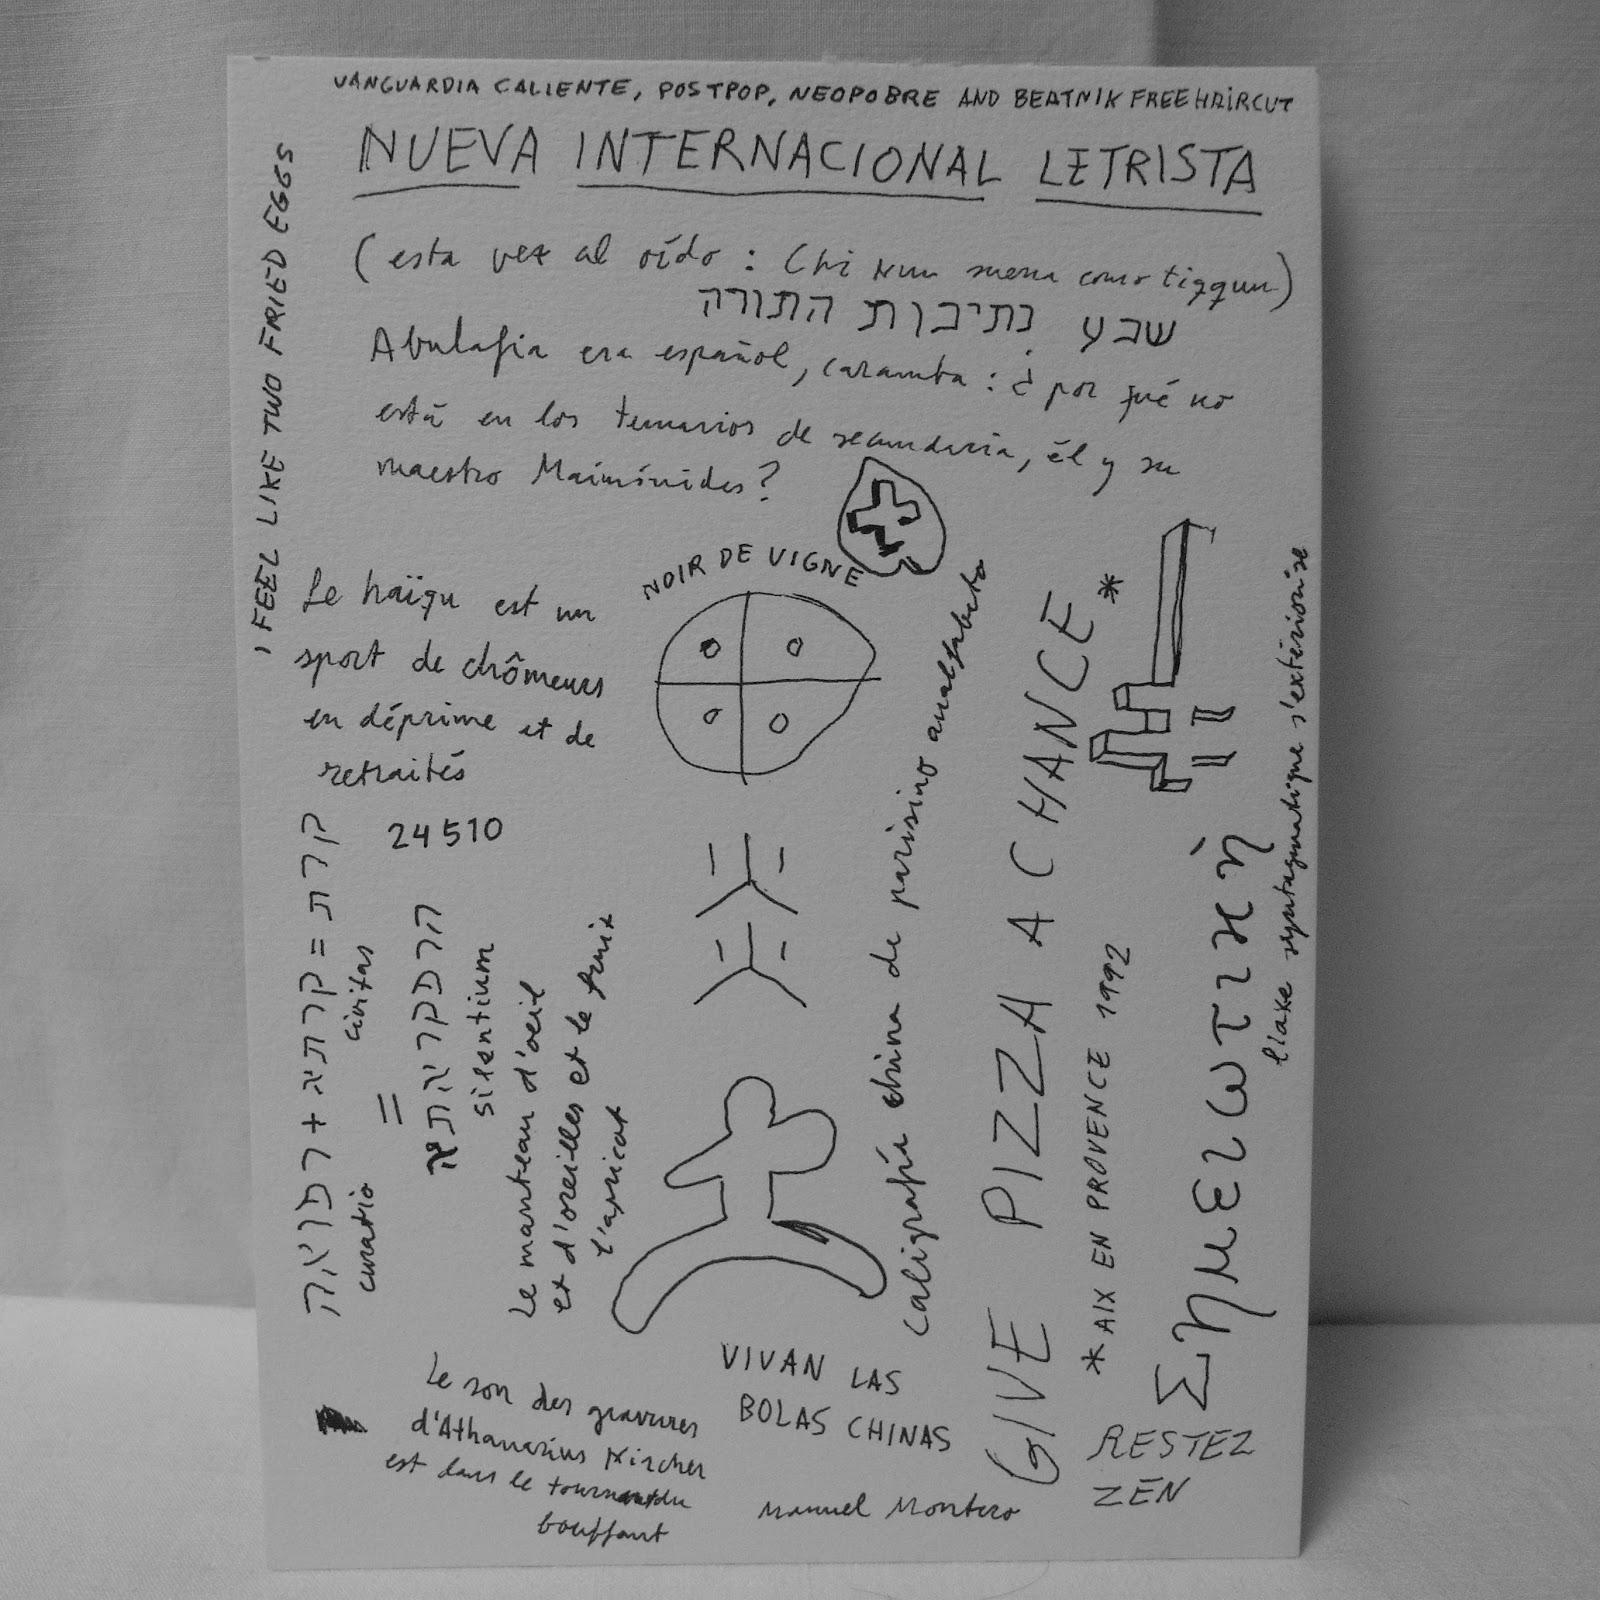 nueva internacional letrista en strade Manuel Montero.jpg